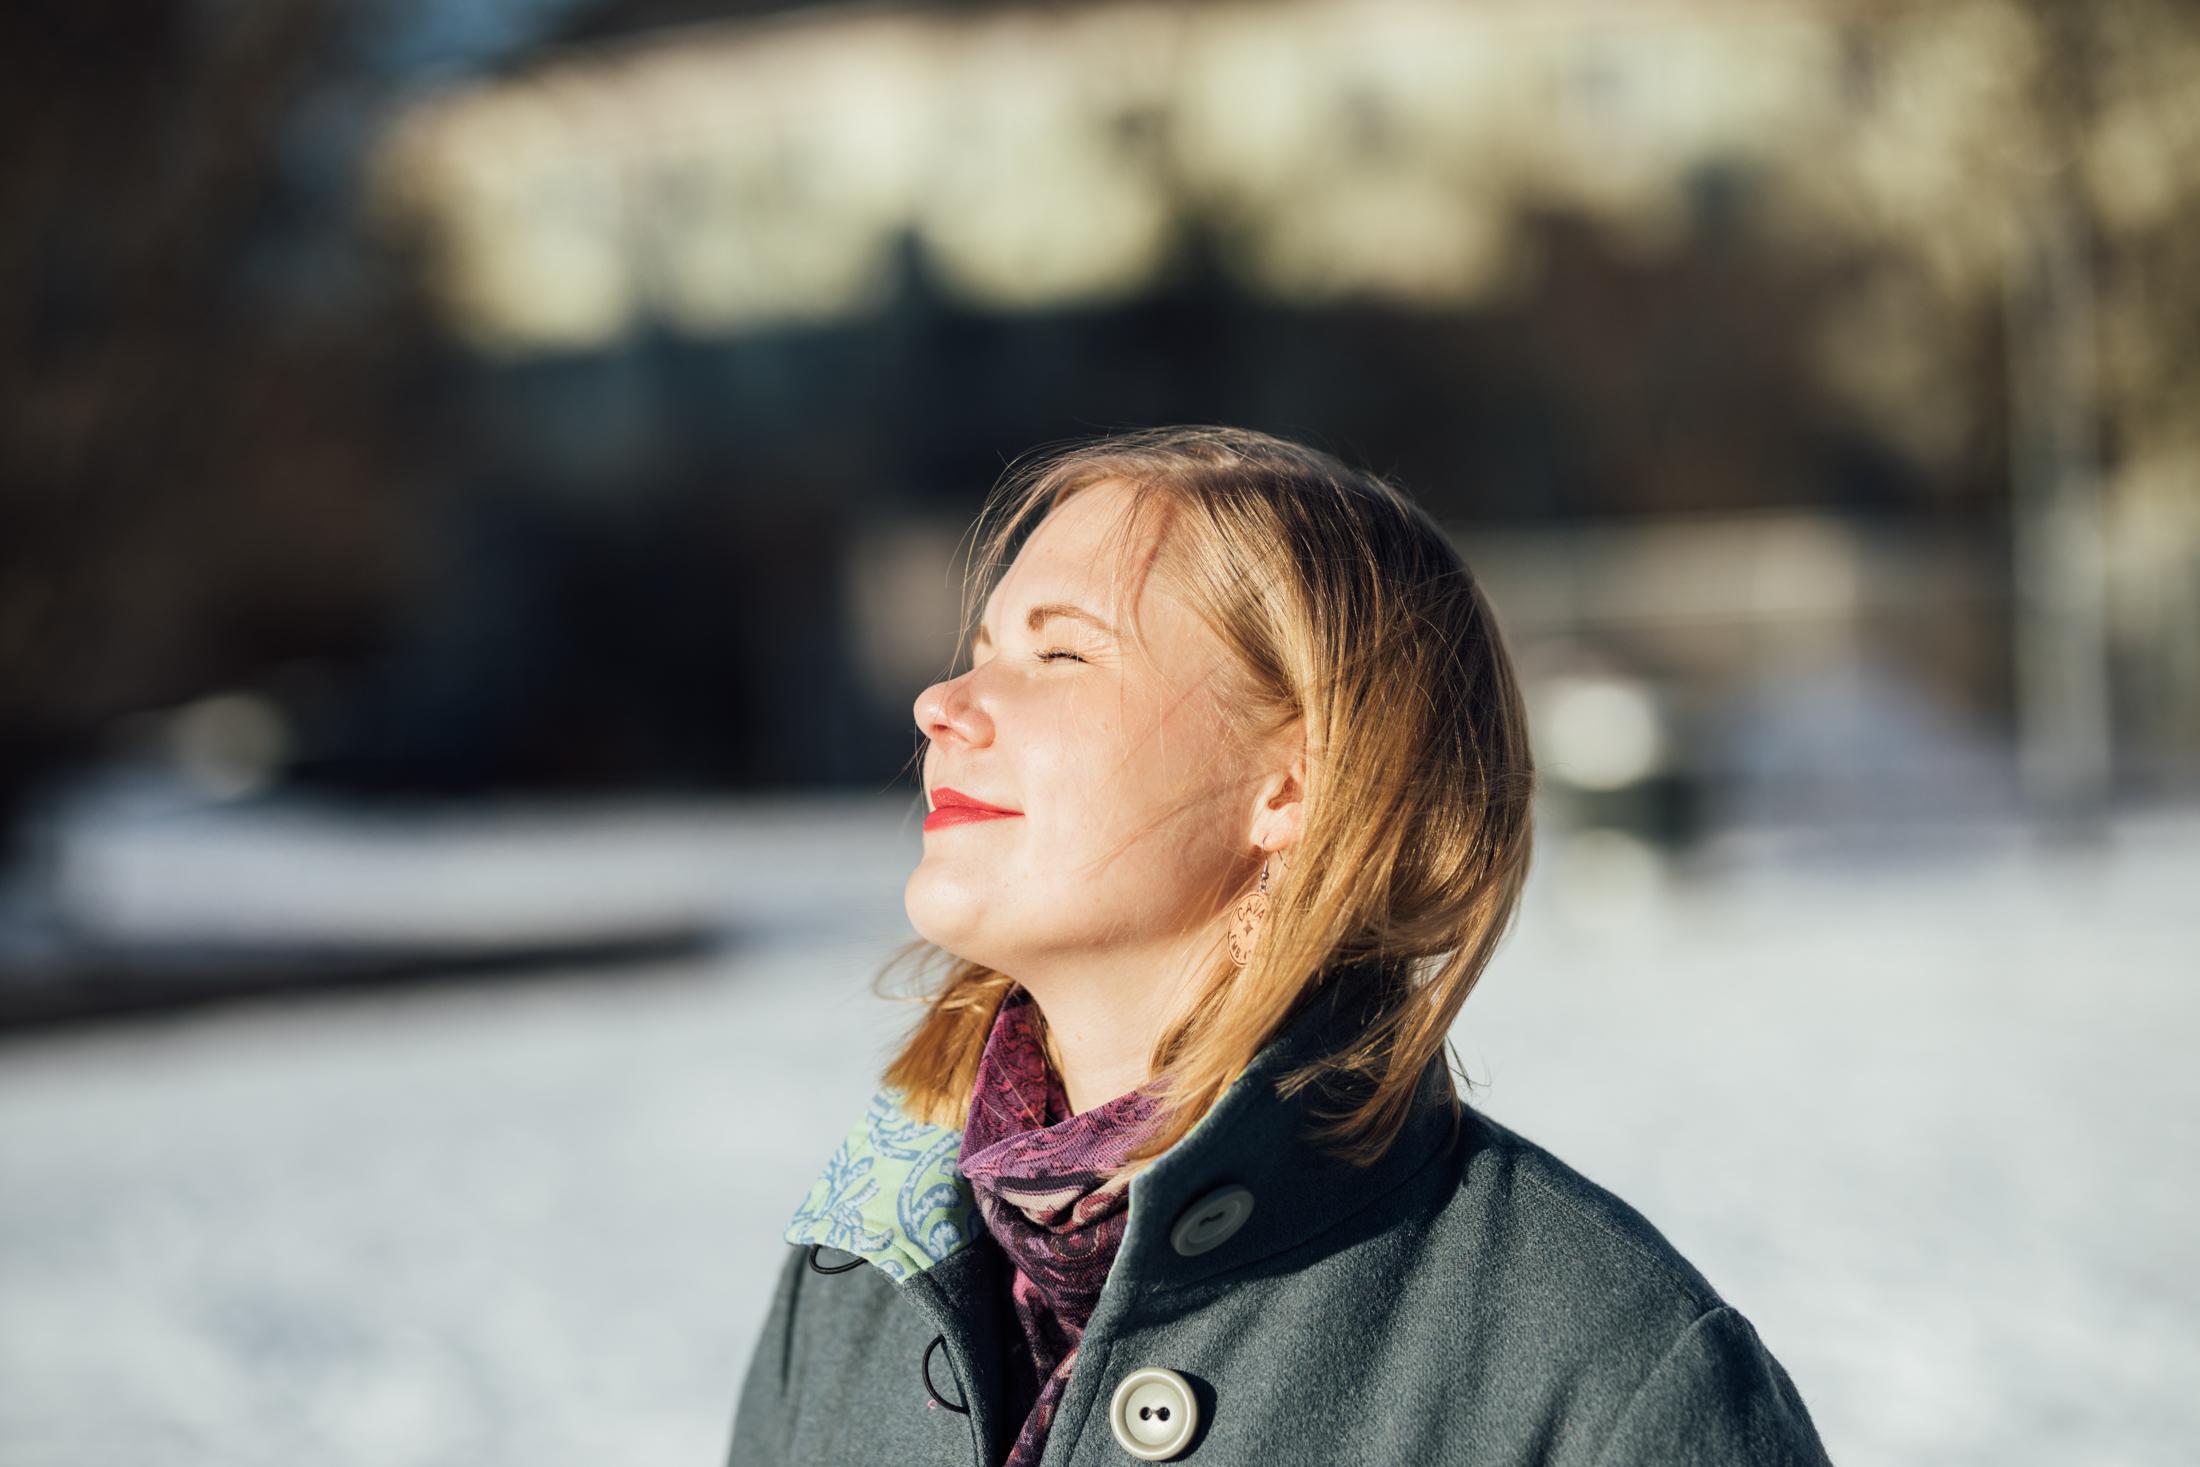 Så här zen ser jag sällan ut, haha. Foto: Niklas Sandström.